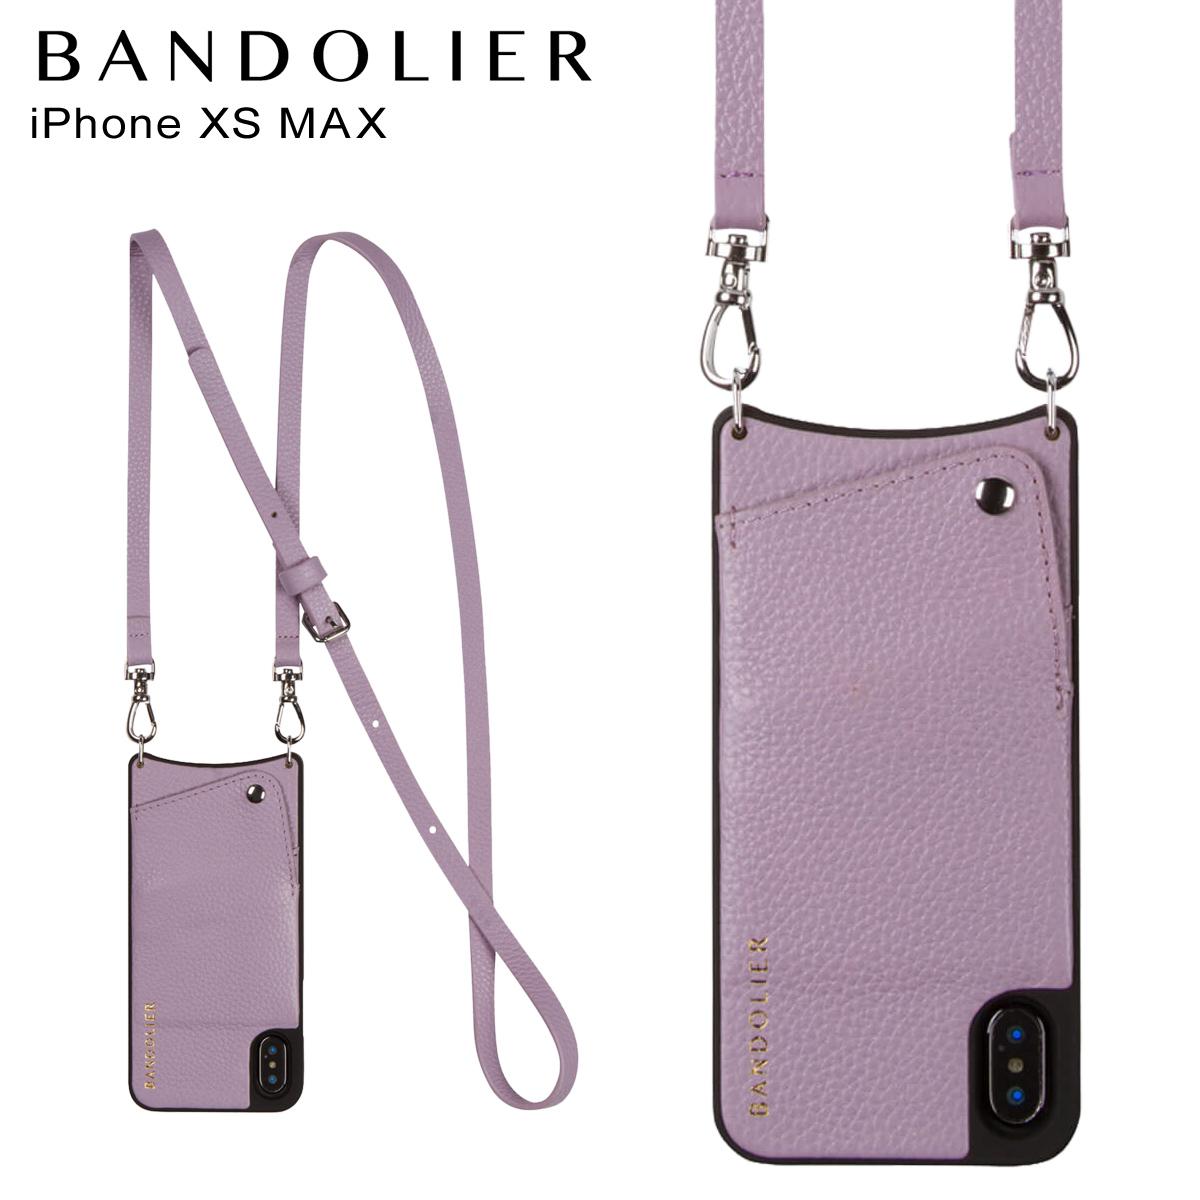 BANDOLIER バンドリヤー iPhone XS MAX ケース ショルダー スマホ アイフォン レザー EMMA LILAC メンズ レディース ライラック 10EMM1001 [4/18 再入荷]